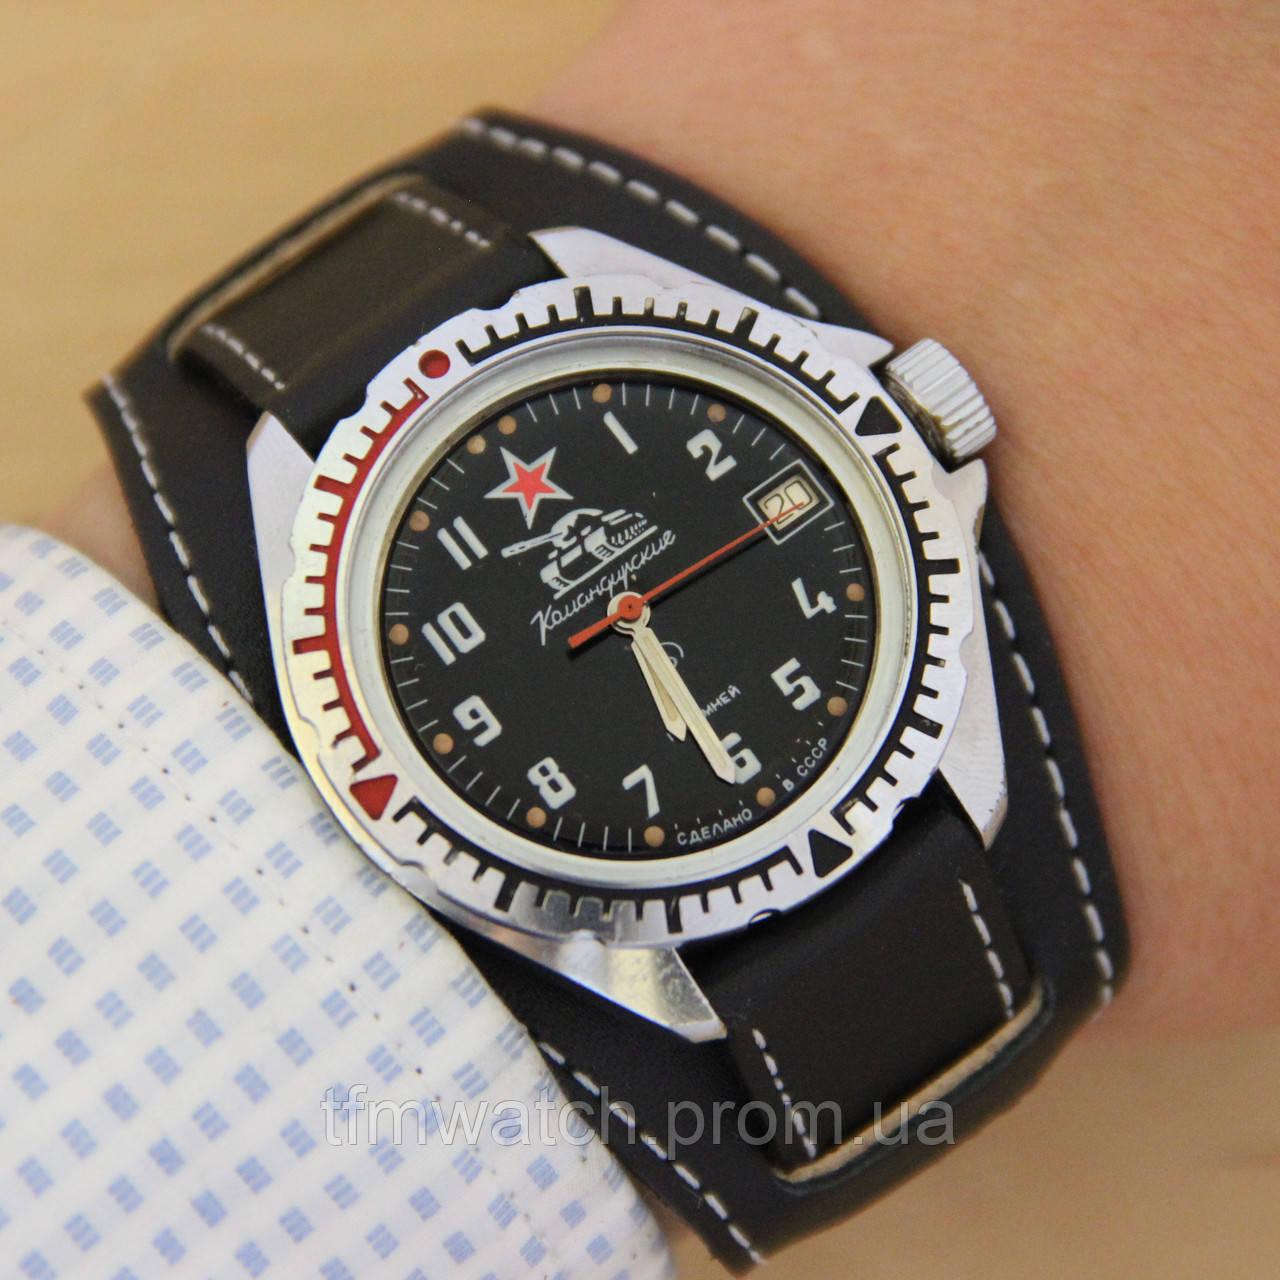 Продать цена часы командирские часов бу выкуп